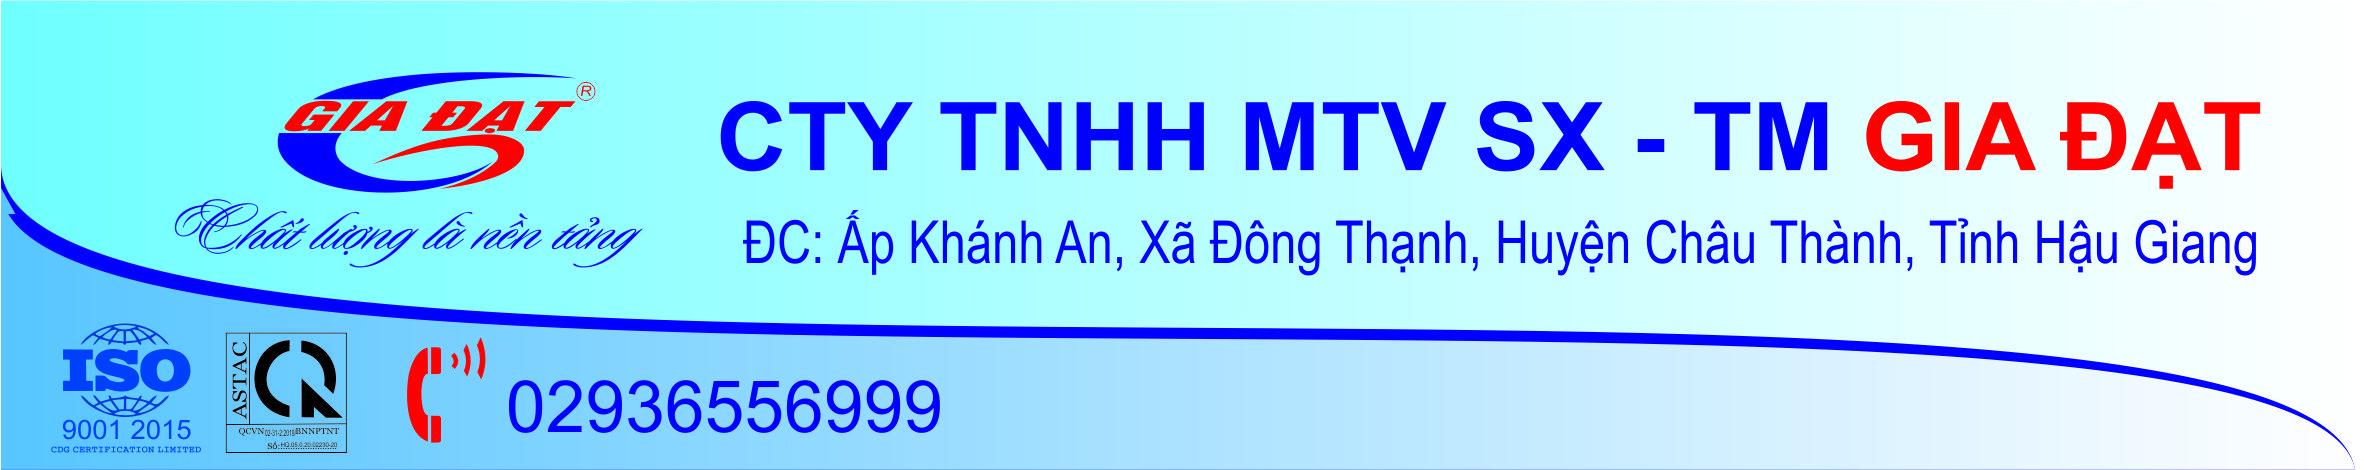 Công ty TNHH MTV SX - TM Gia Đạt